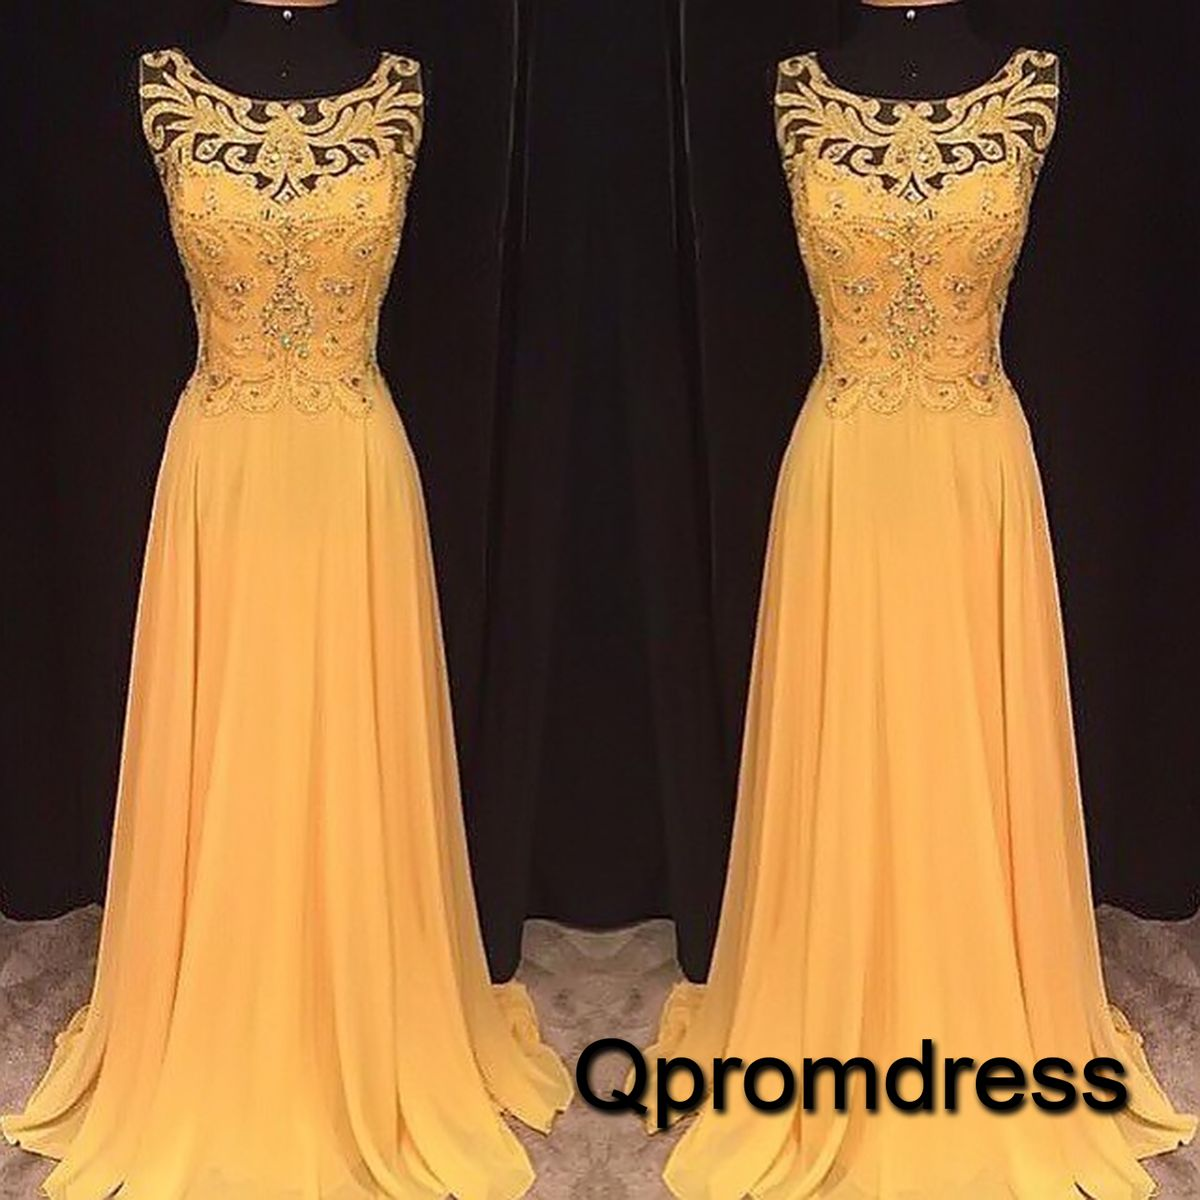 Prom dresses long ball gown beautiful yellow lace chiffon modest